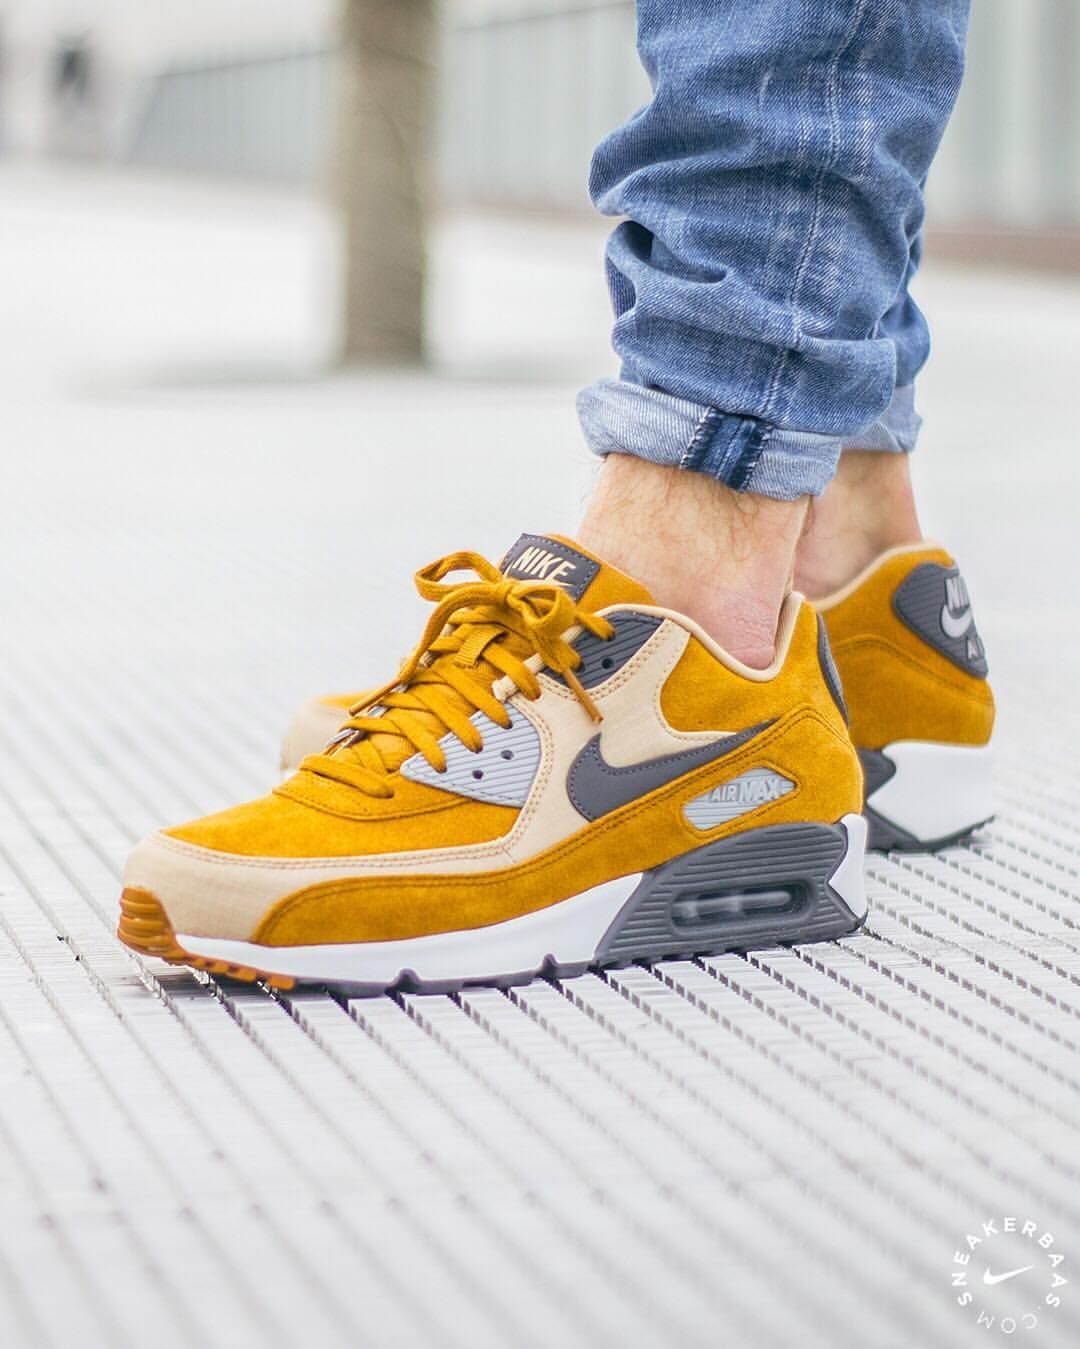 Nike Air Max 90 Premium Desert Ochre Sneakers Nike Air Max Sneakers Fashion Sneakers Men Fashion